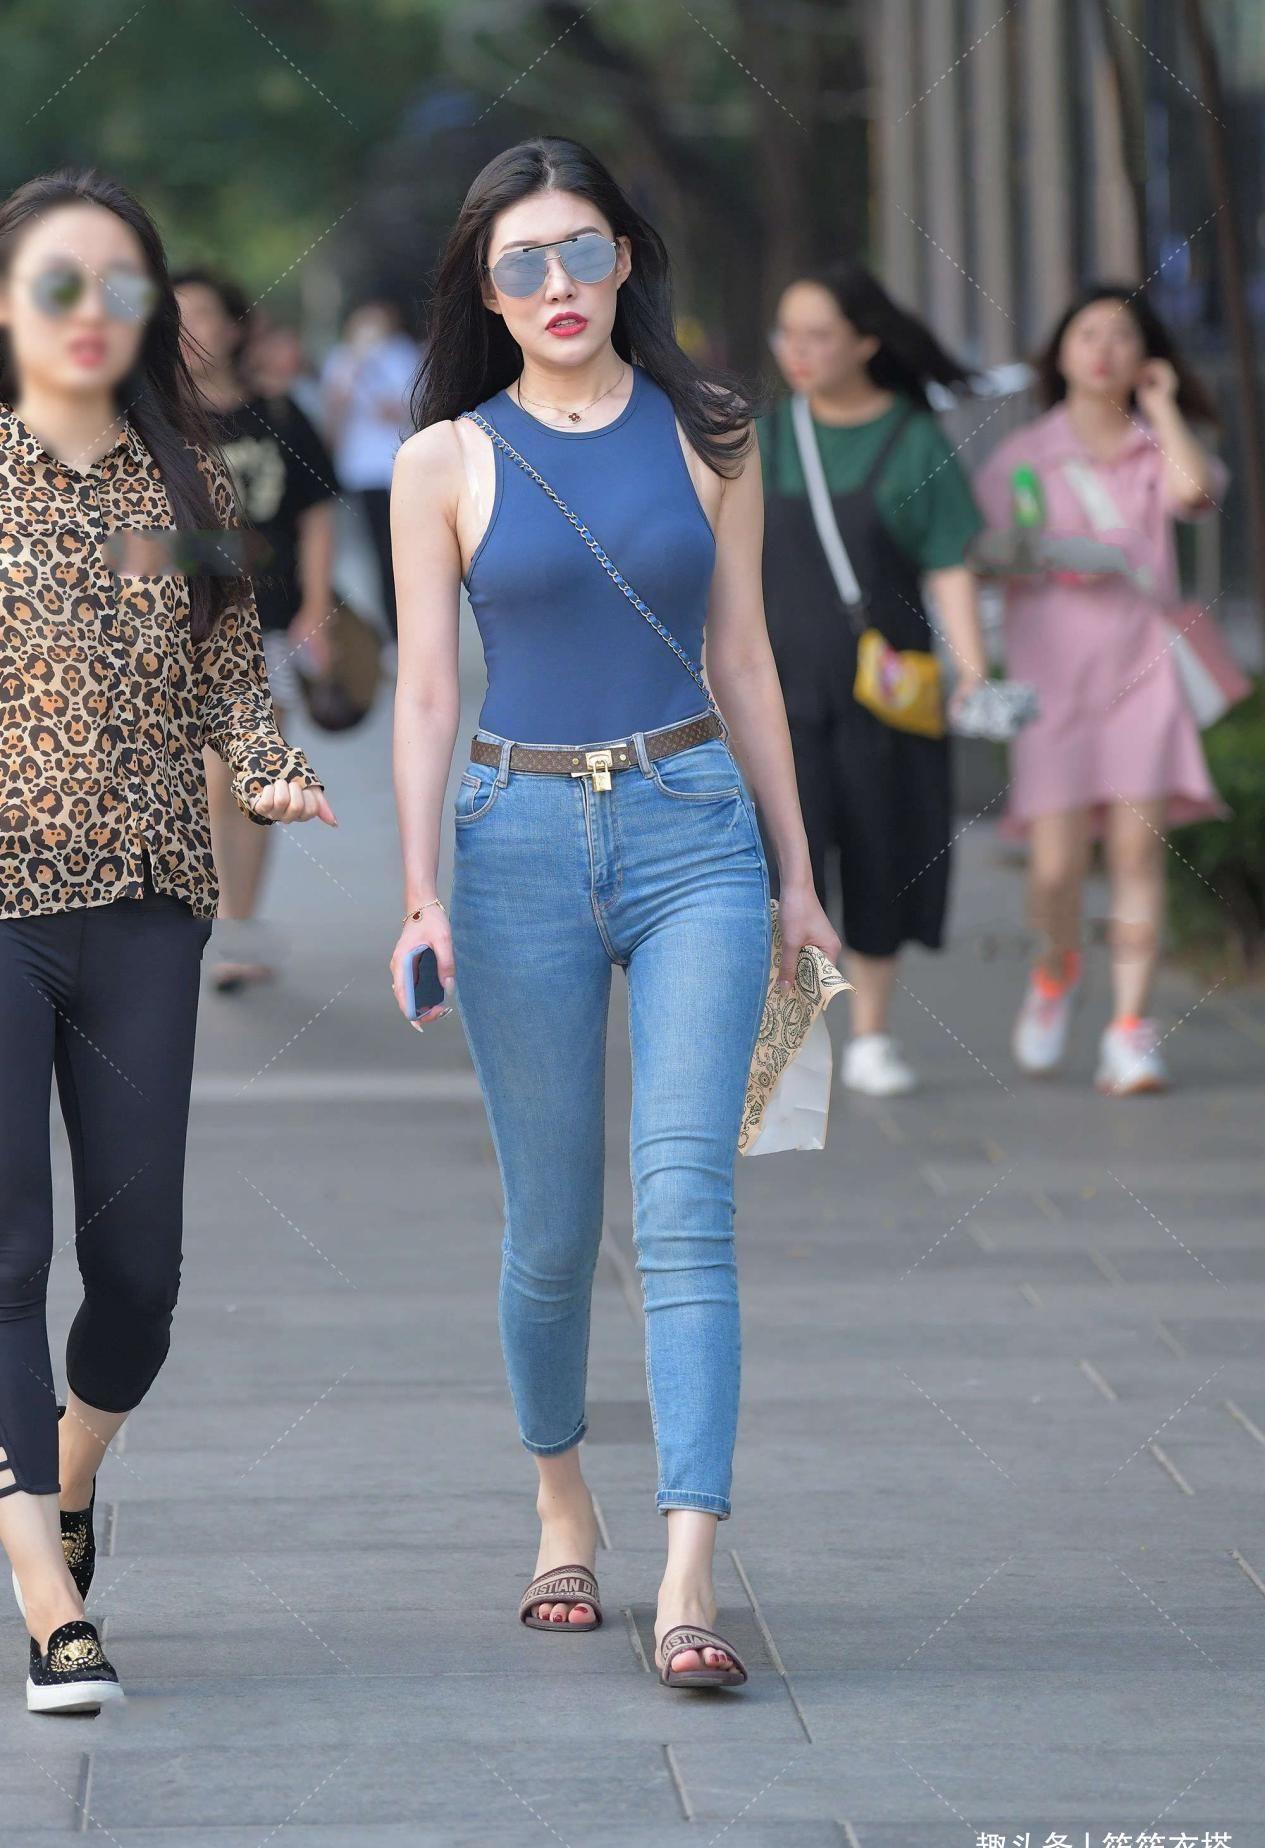 藍色背心搭配藍色牛仔褲,展現優美曲線美感,簡約大方